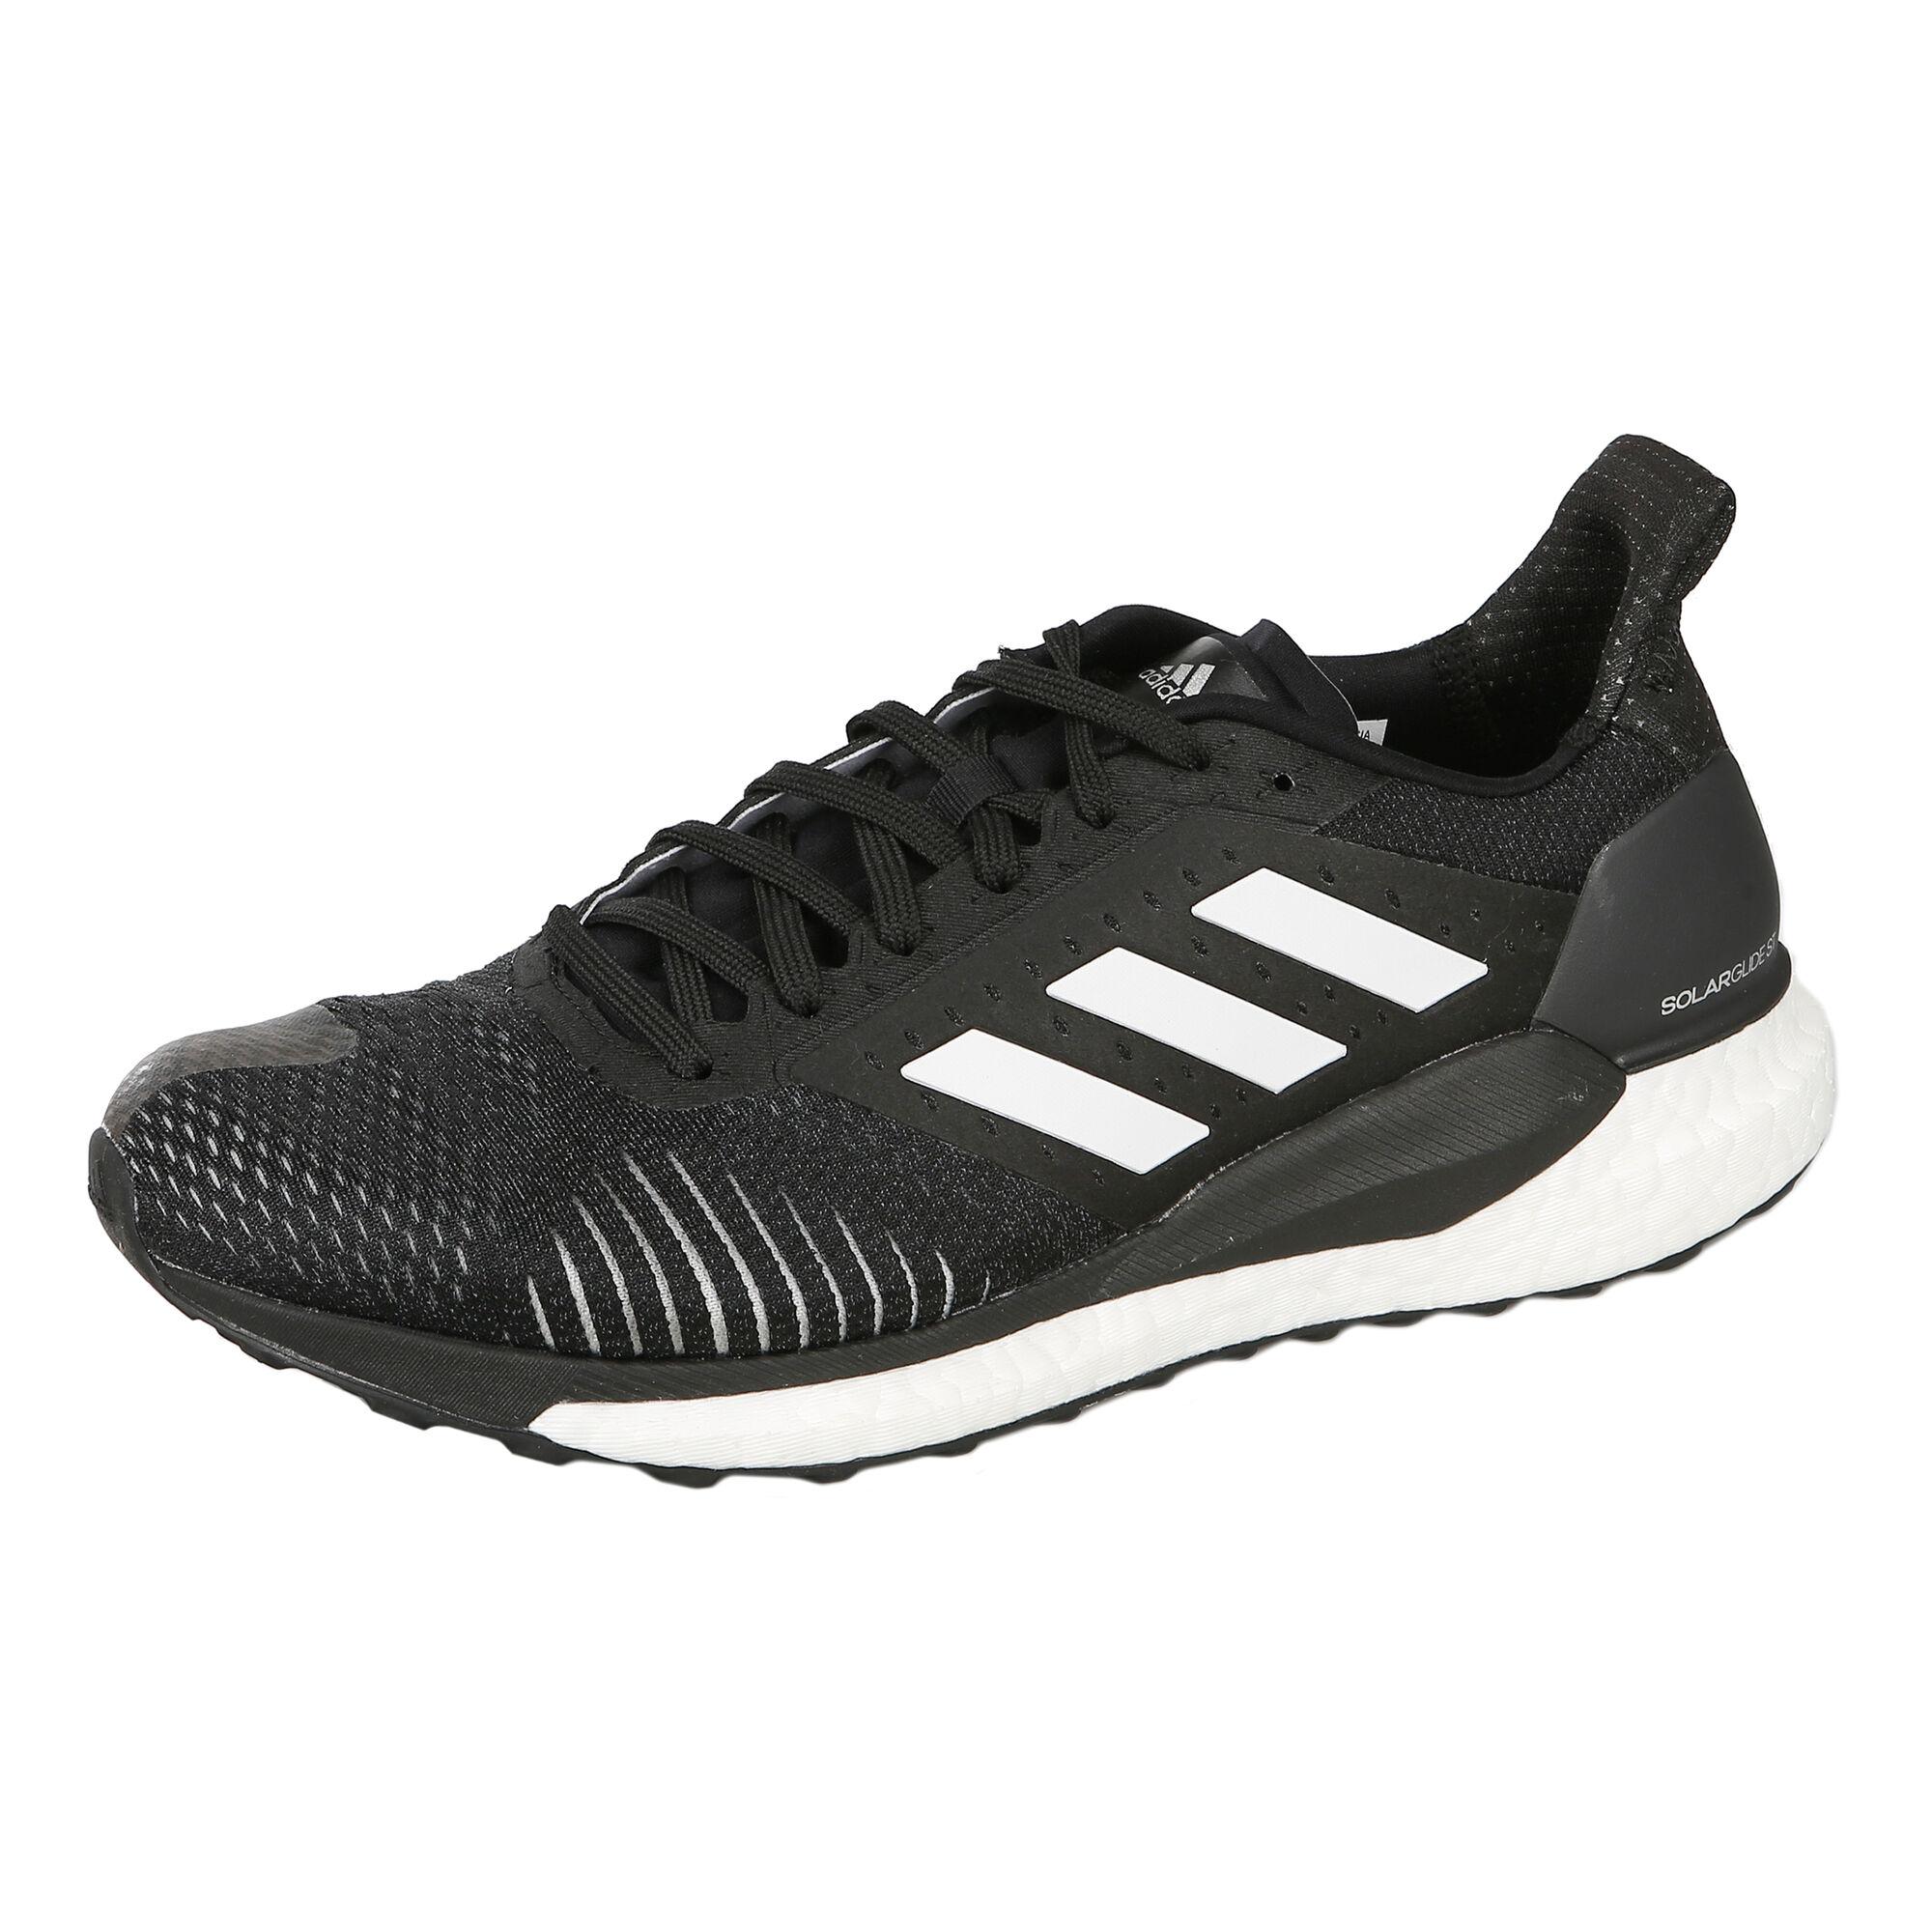 sneakers for cheap 2f1ab fa534 adidas · adidas · adidas · adidas. Solar Glide ST ...